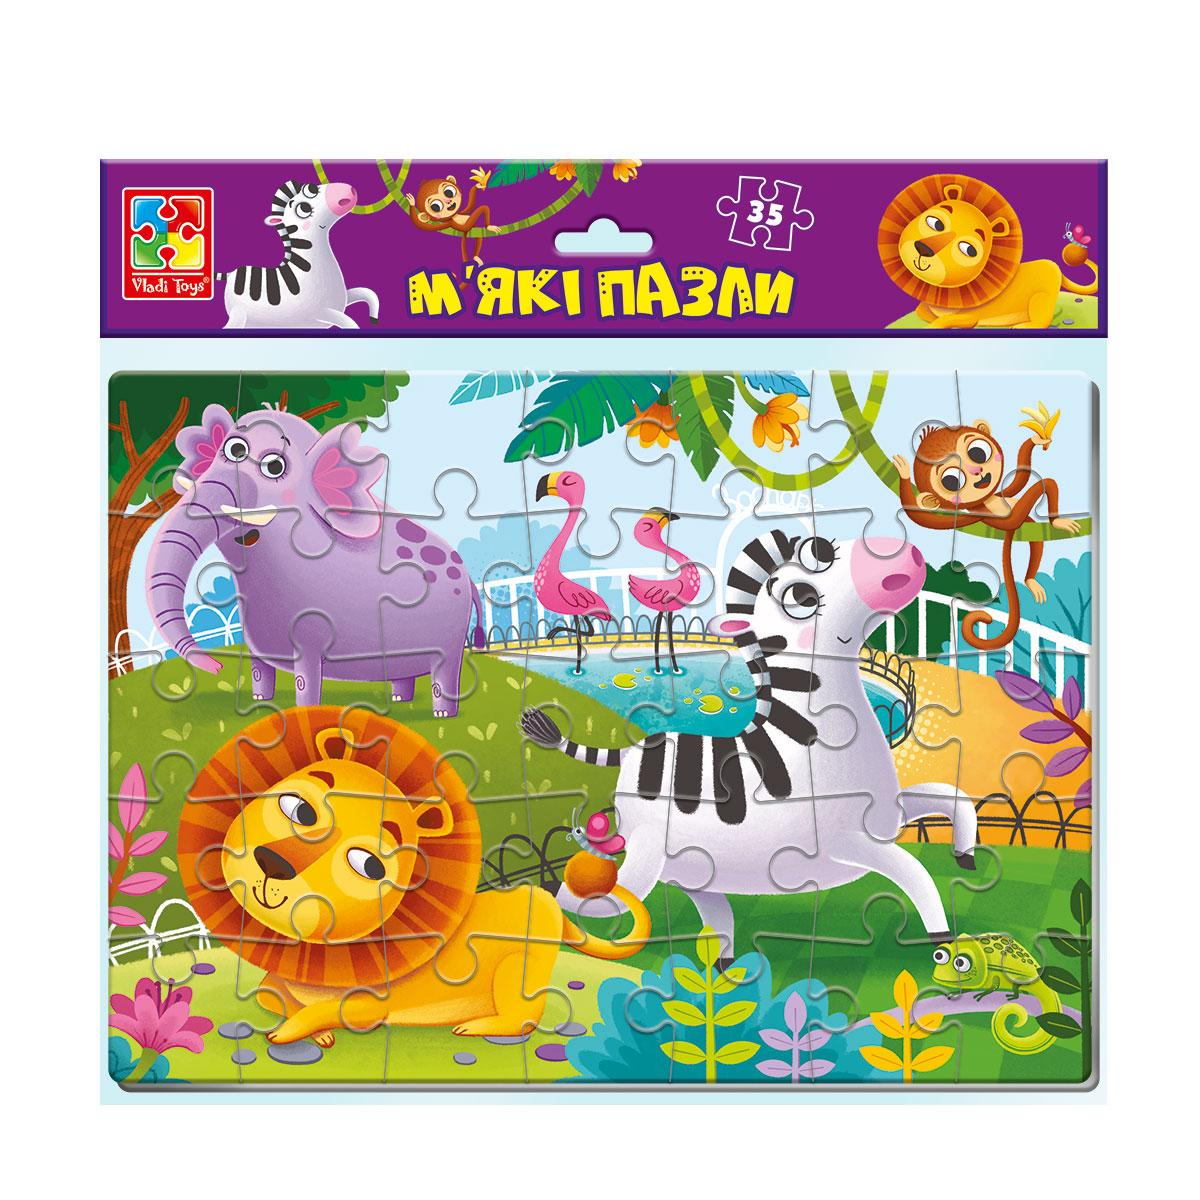 """М'які пазли А4 """"Зоопарк"""" на 35 елементів, Vladi Toys"""